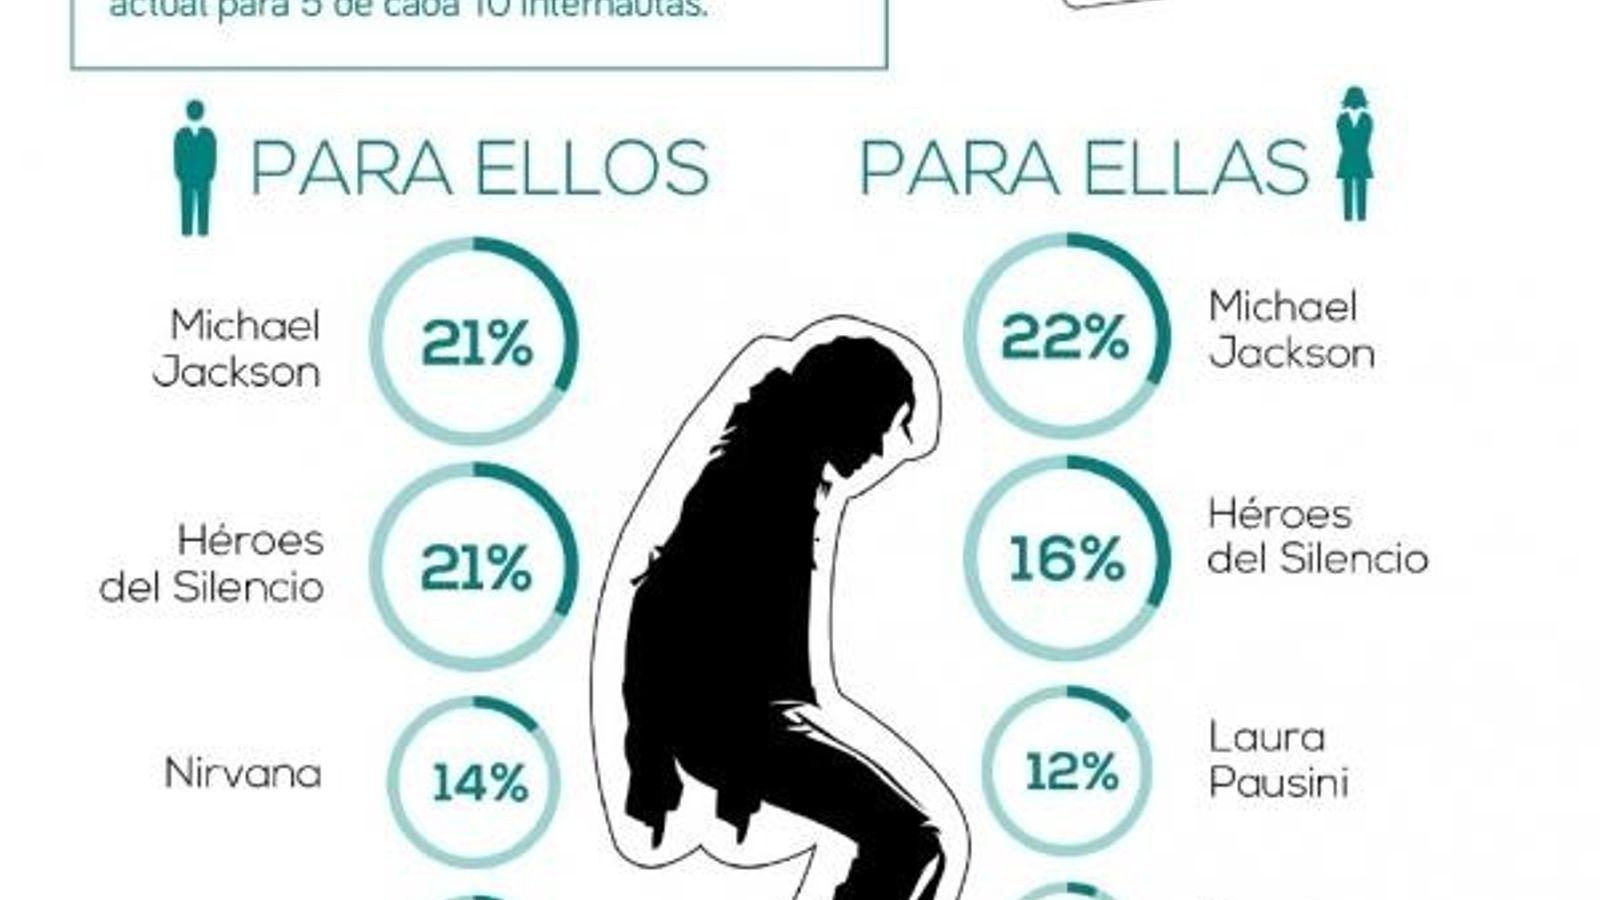 Según la mayoría de los españoles, la música era mejor en los 90